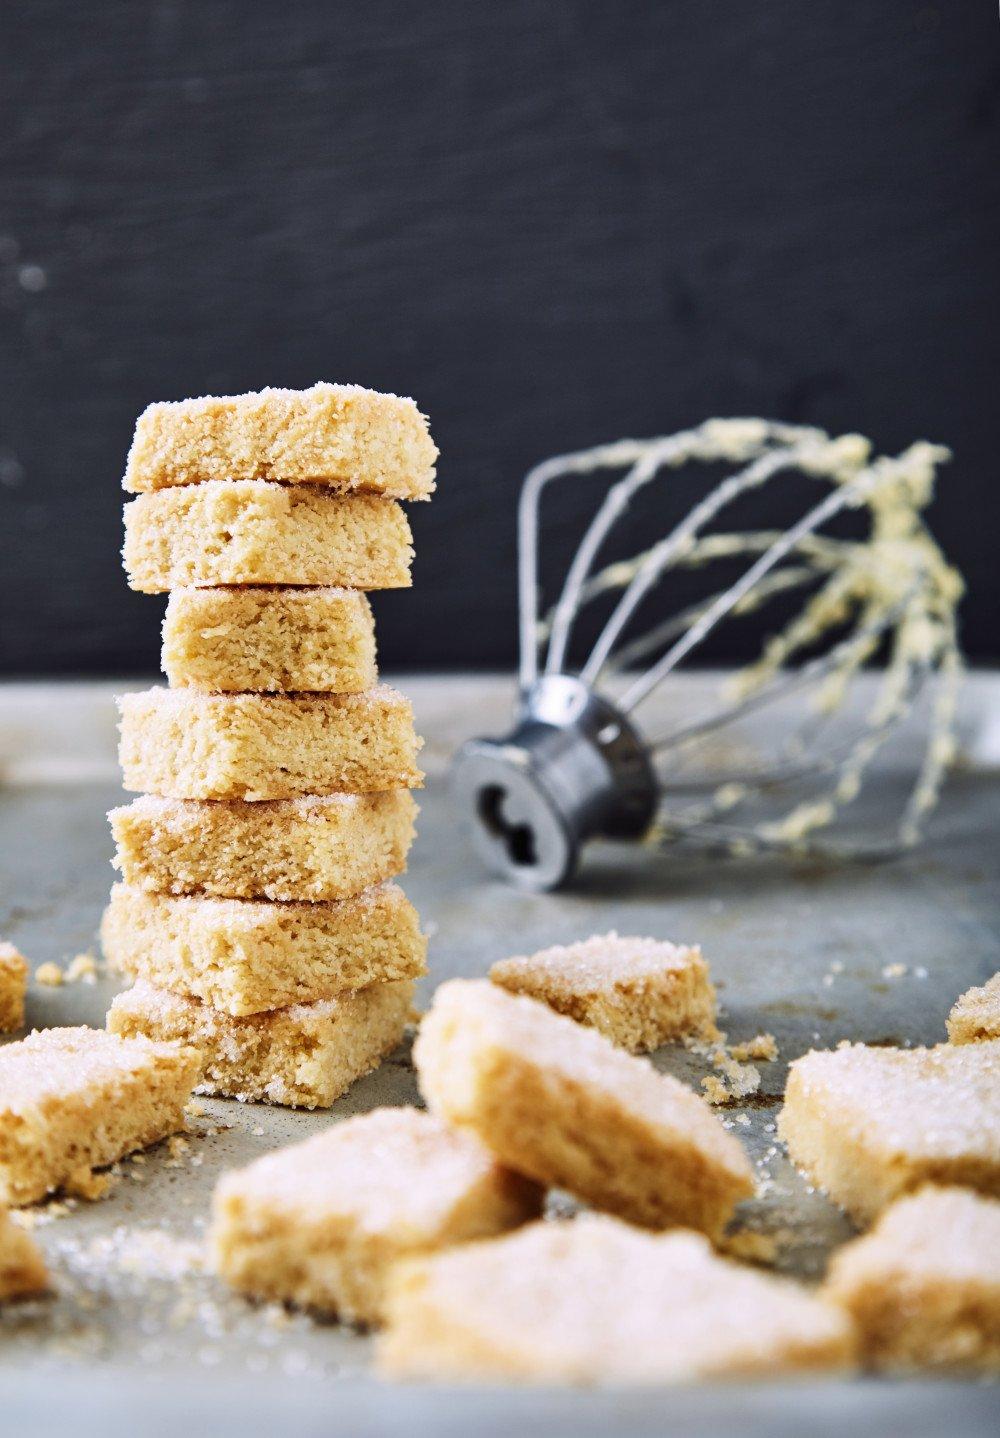 Пошаговый рецепт простого лучшего песочного печенья по версии Джейми Оливера